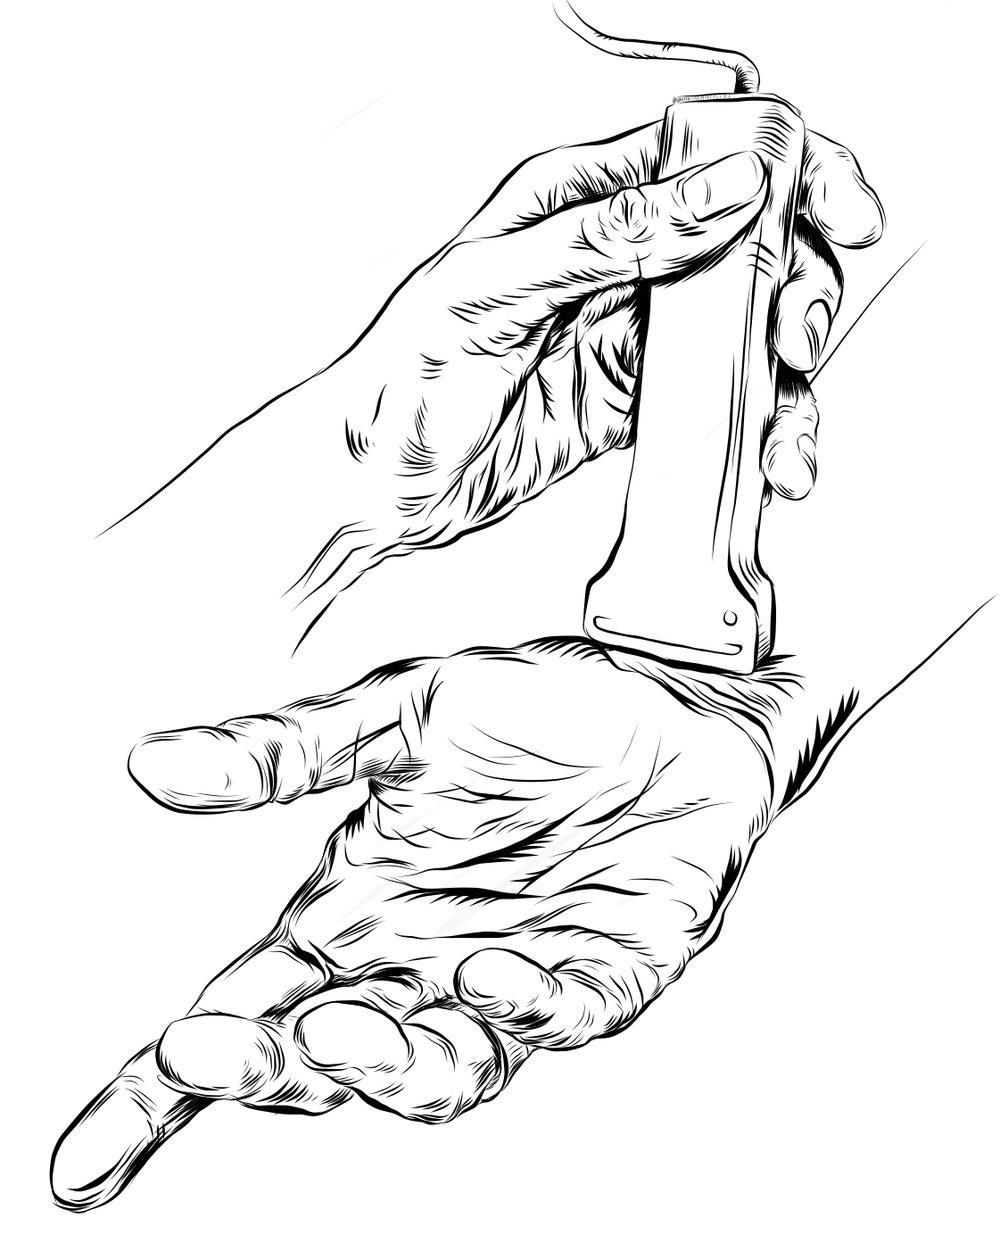 yoda-sign-2.jpg